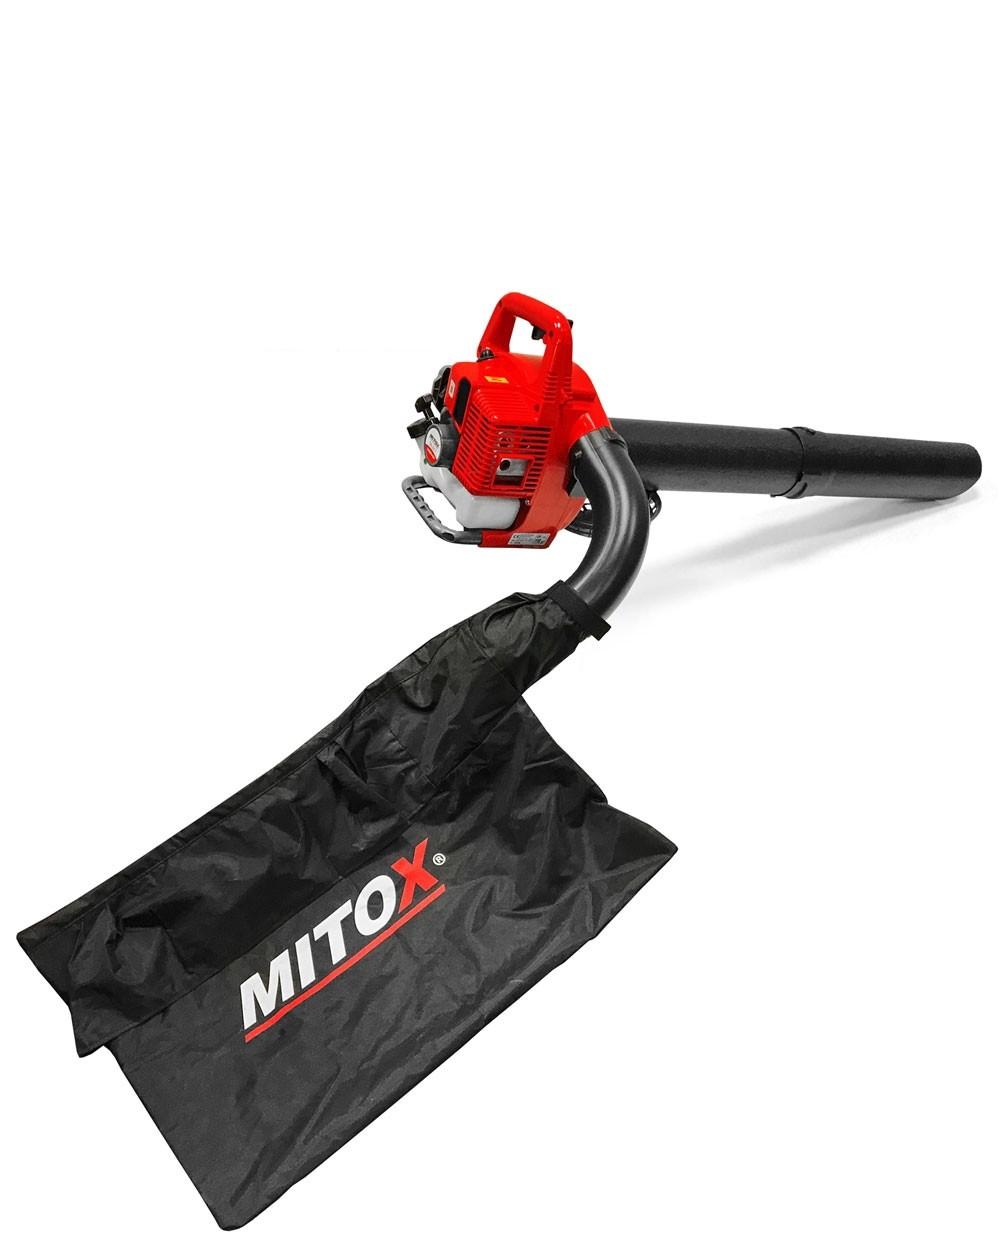 Mitox 28BV-SP Blower Vac